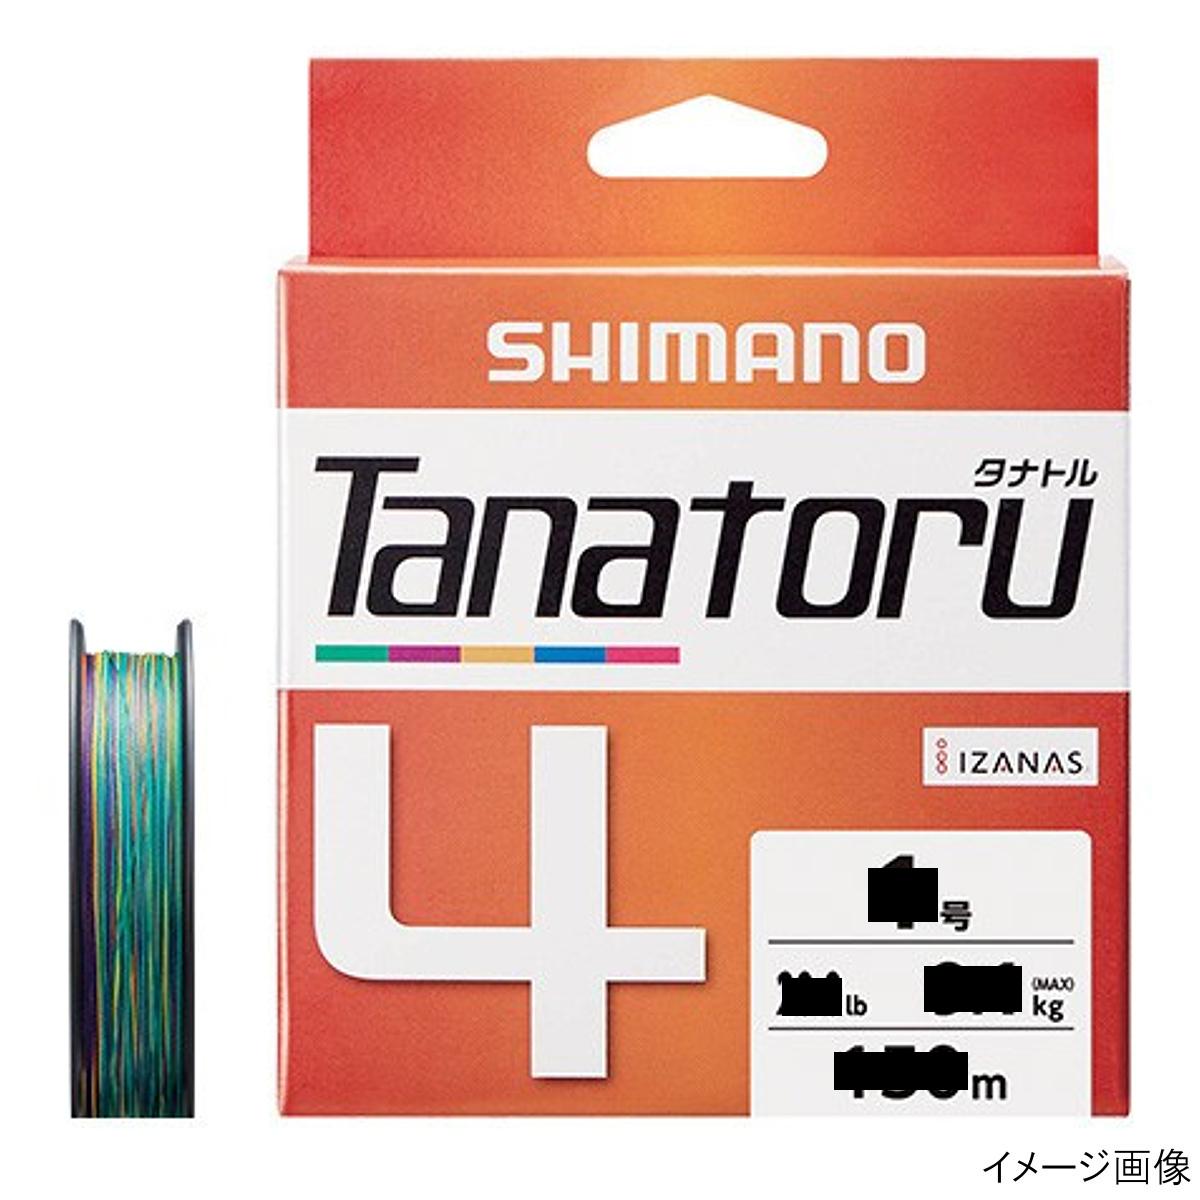 釣具のポイント シマノ まとめ買い特価 タナトル4 PLF64R 特価品コーナー☆ 1.5号 200m